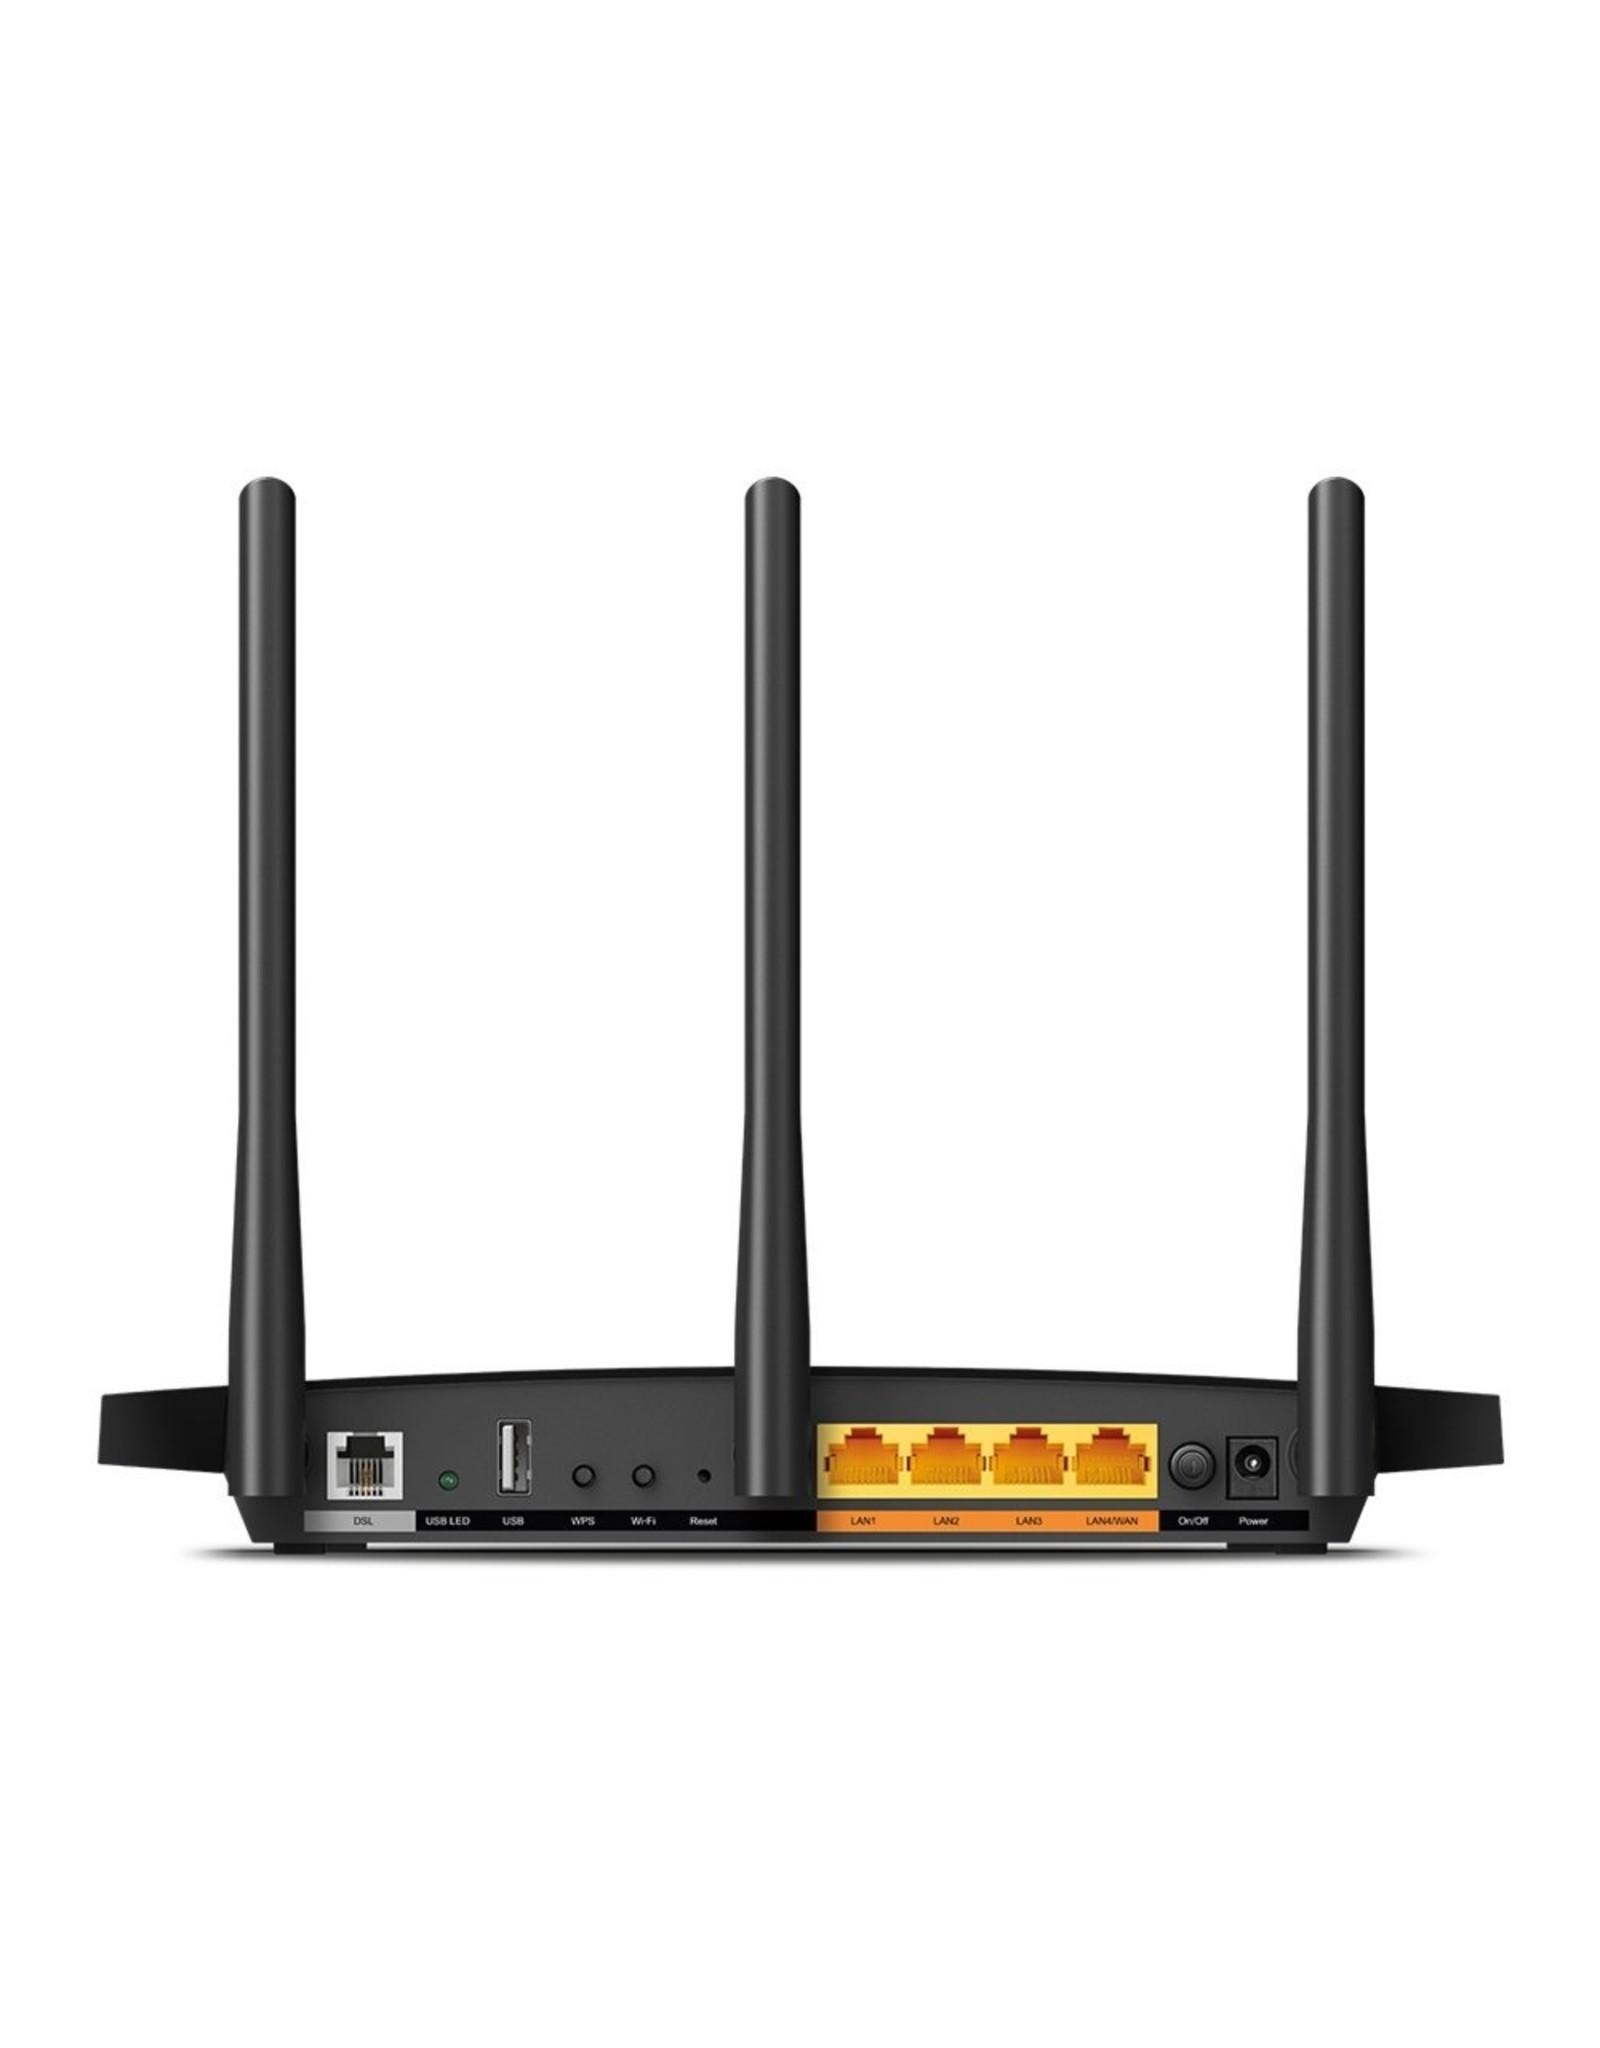 TP-Link Archer VR400 4PSW 1200Mbps Gigabit Modem Router